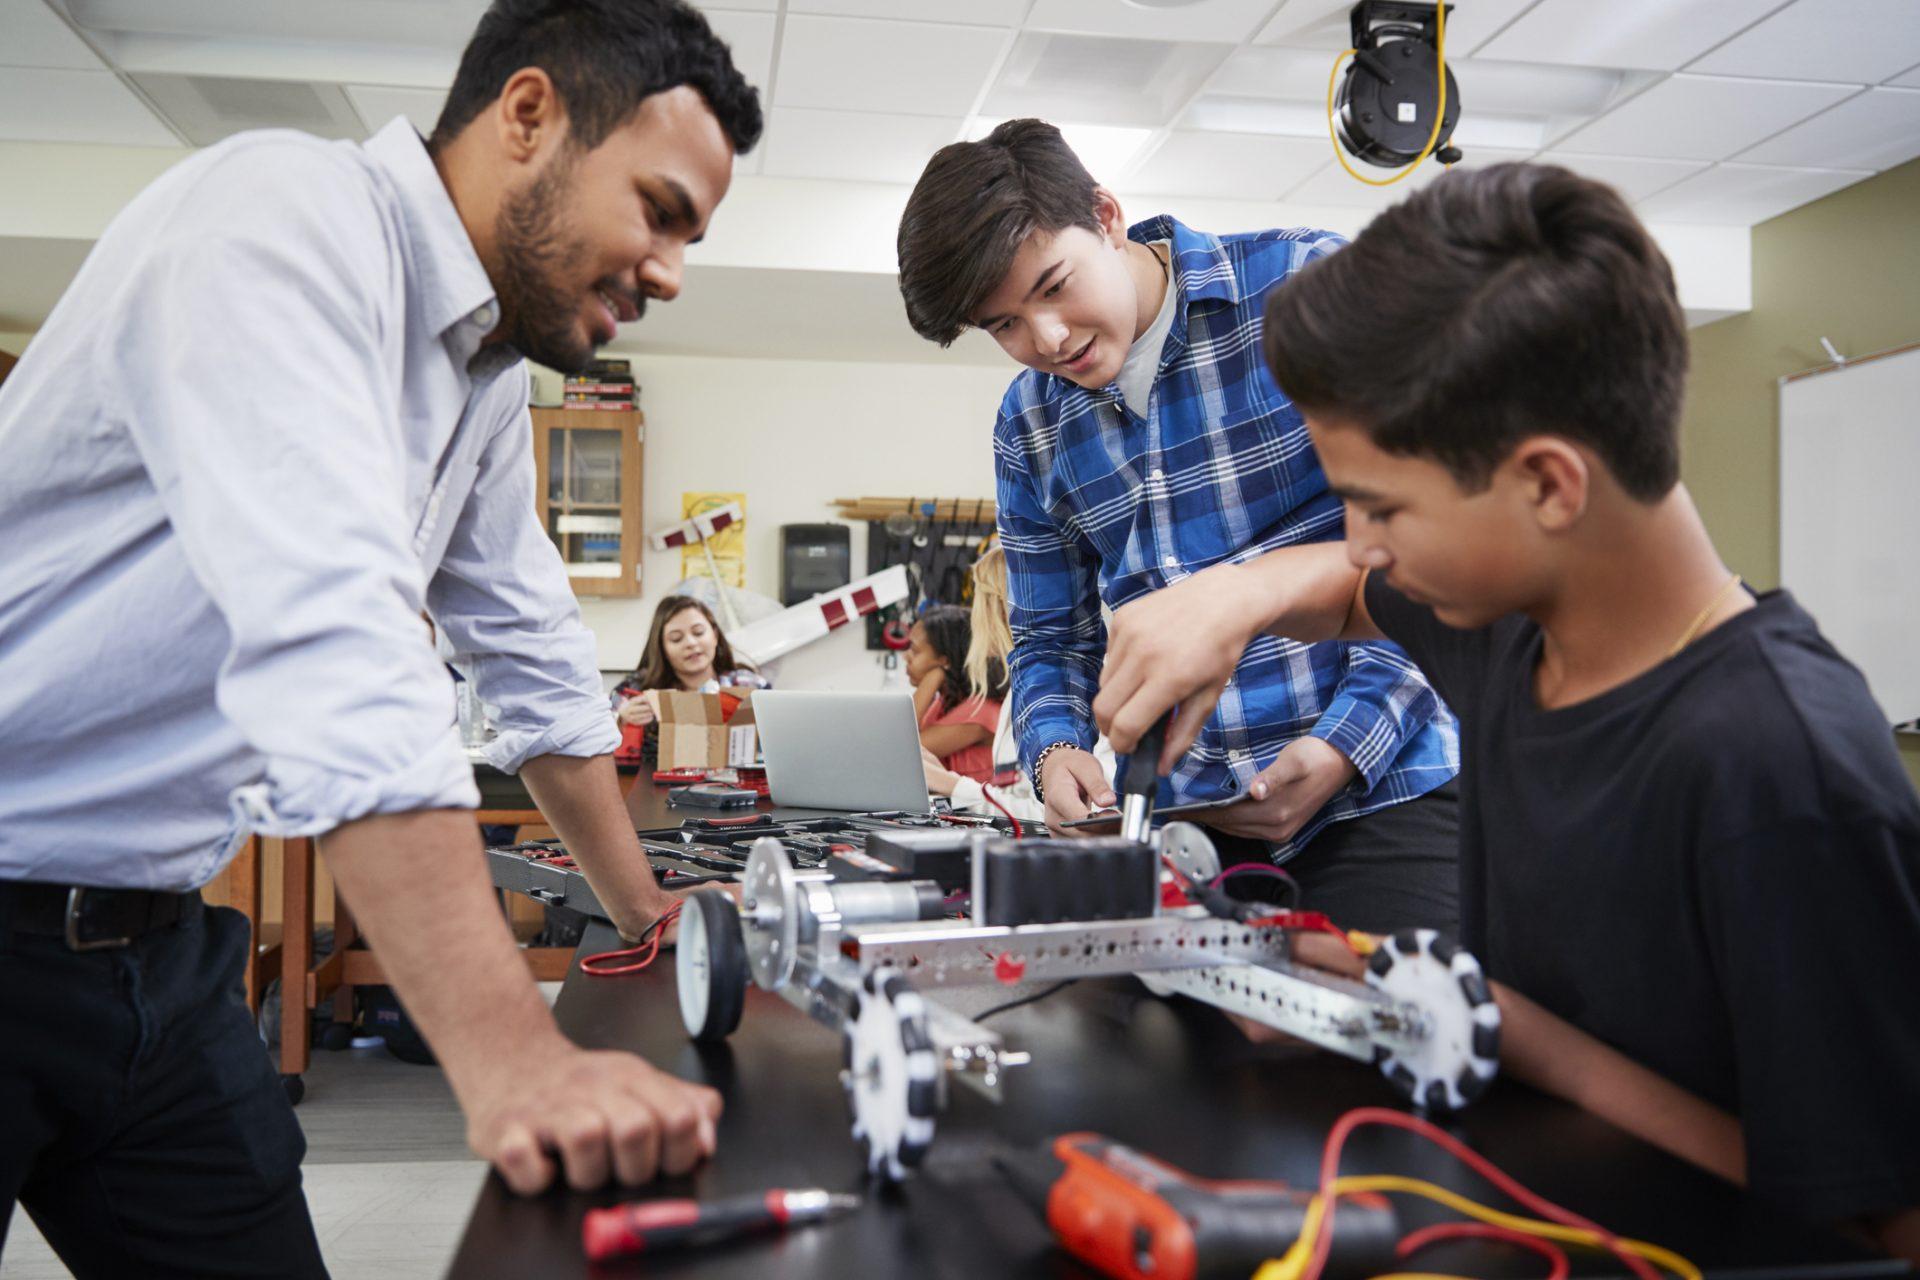 professor auxiliando dois alunos a construir um protótipo robótico